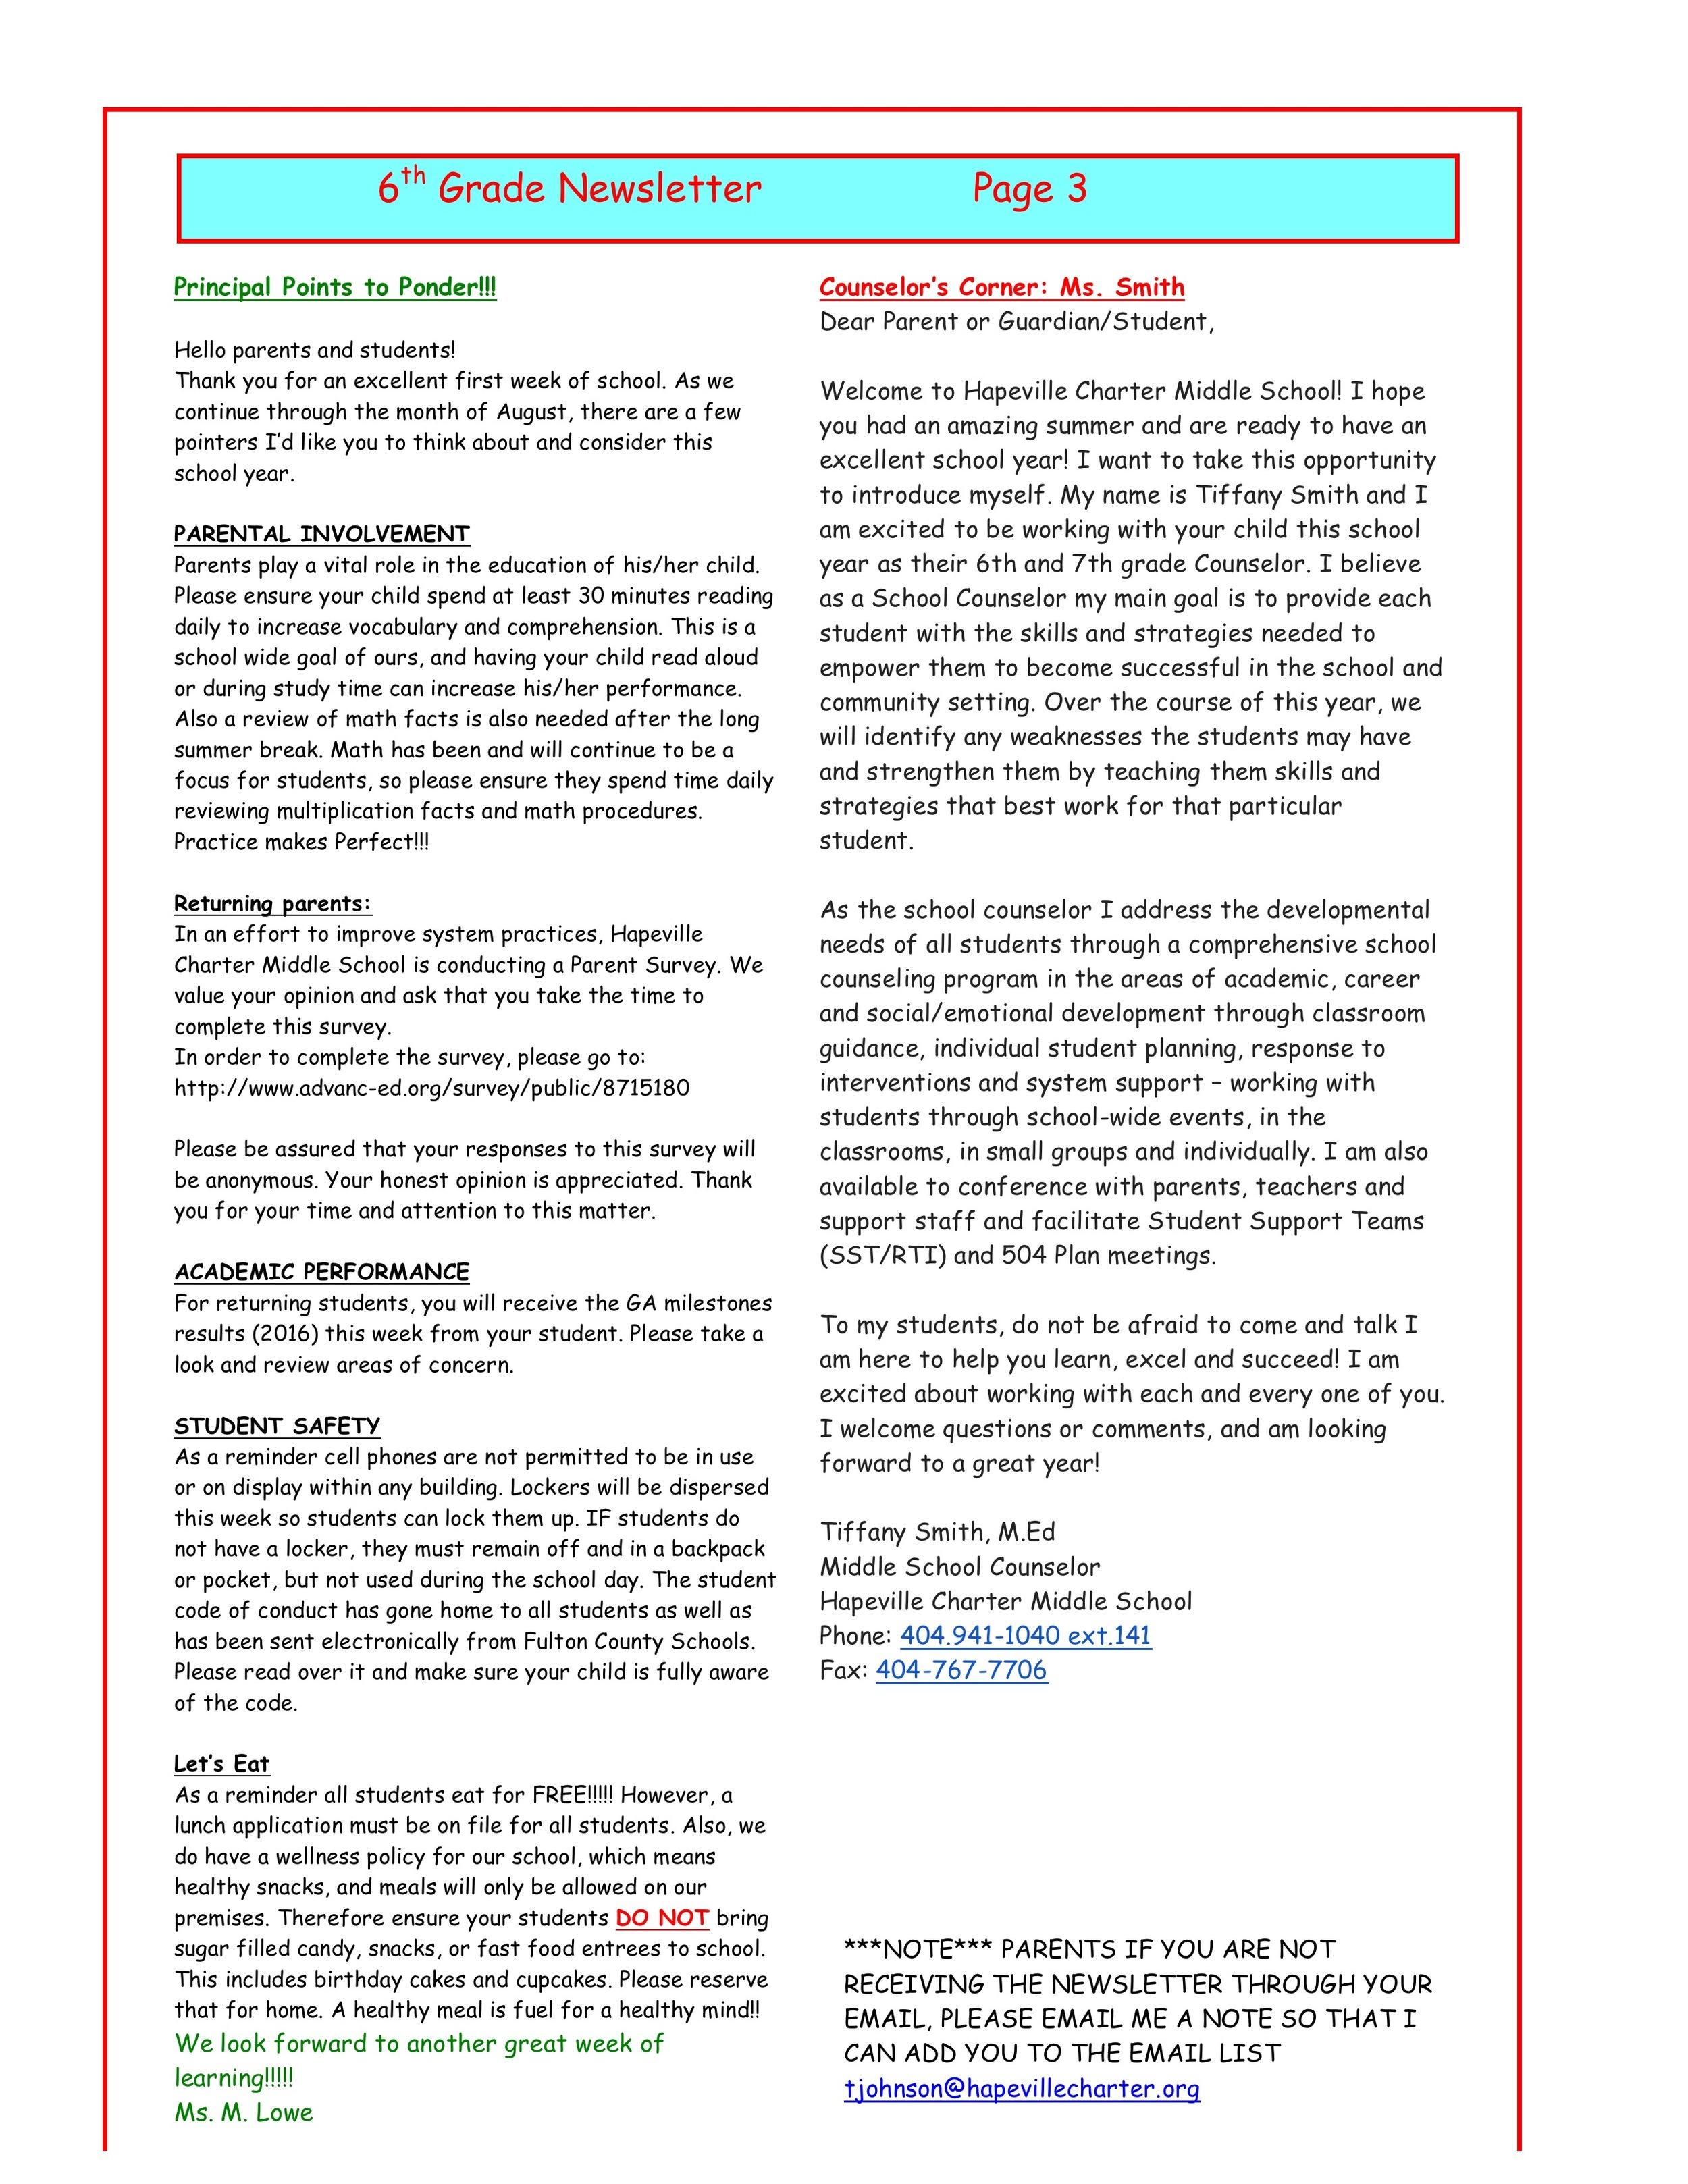 Newsletter Image6th Grade Newsletter 8-15-2016 3.jpeg